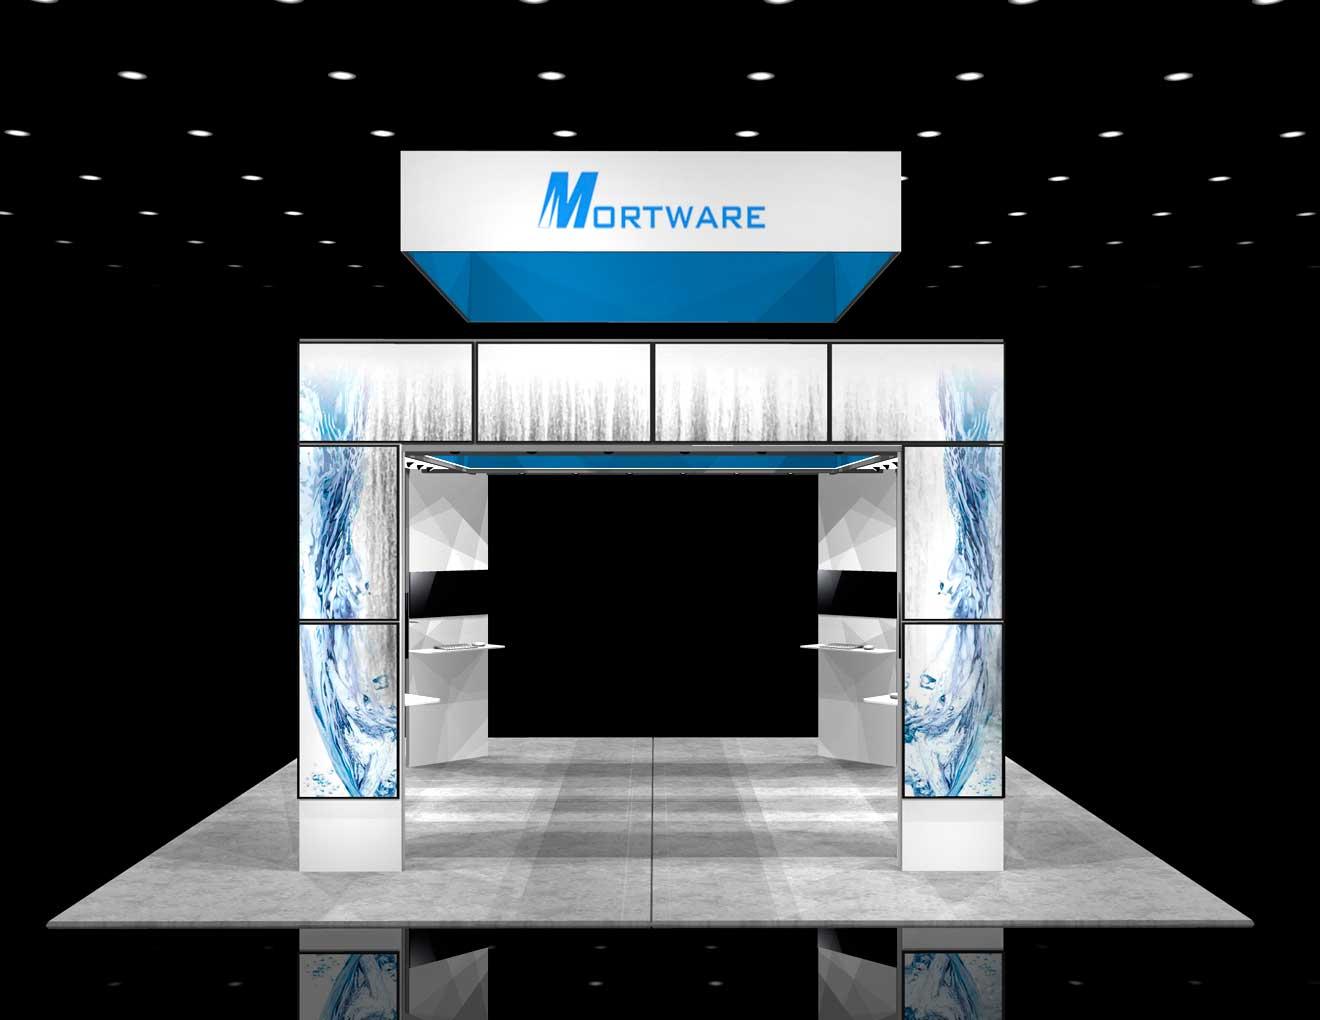 mortware tradeshow